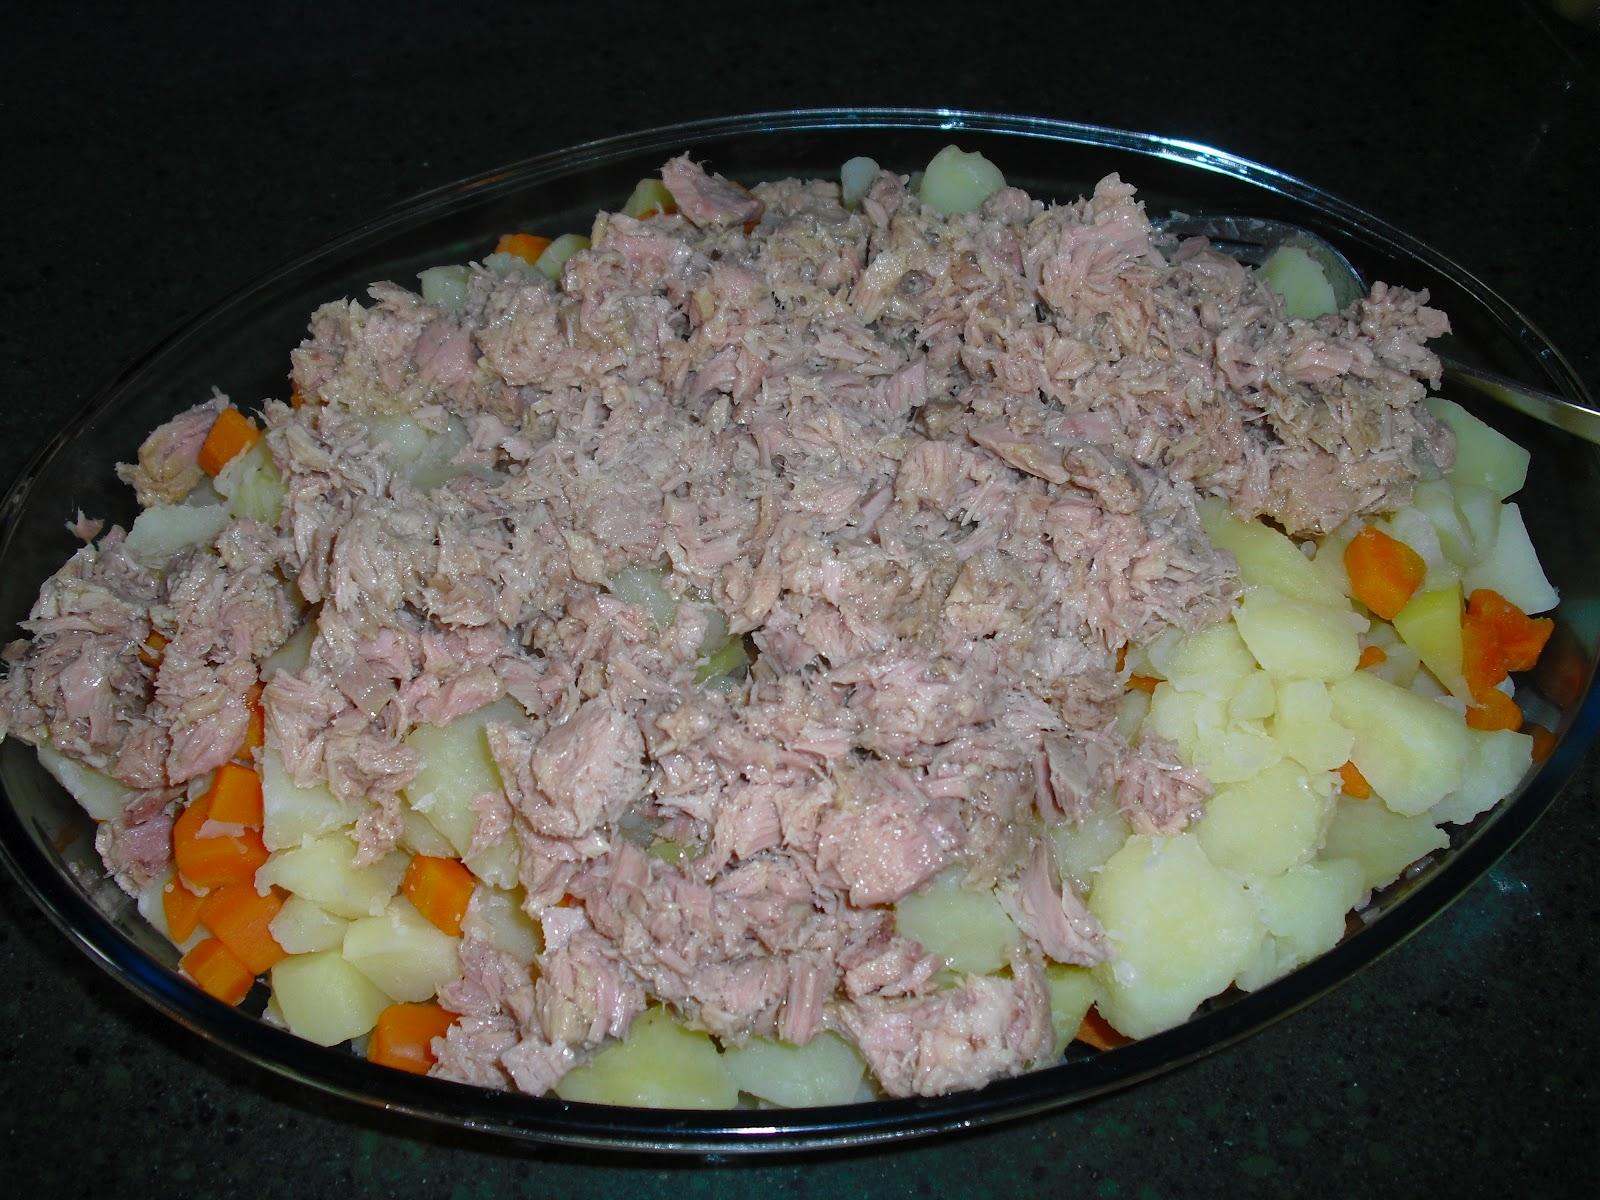 Me gusta cocinar ensaladilla rusa for Cocinar ensaladilla rusa